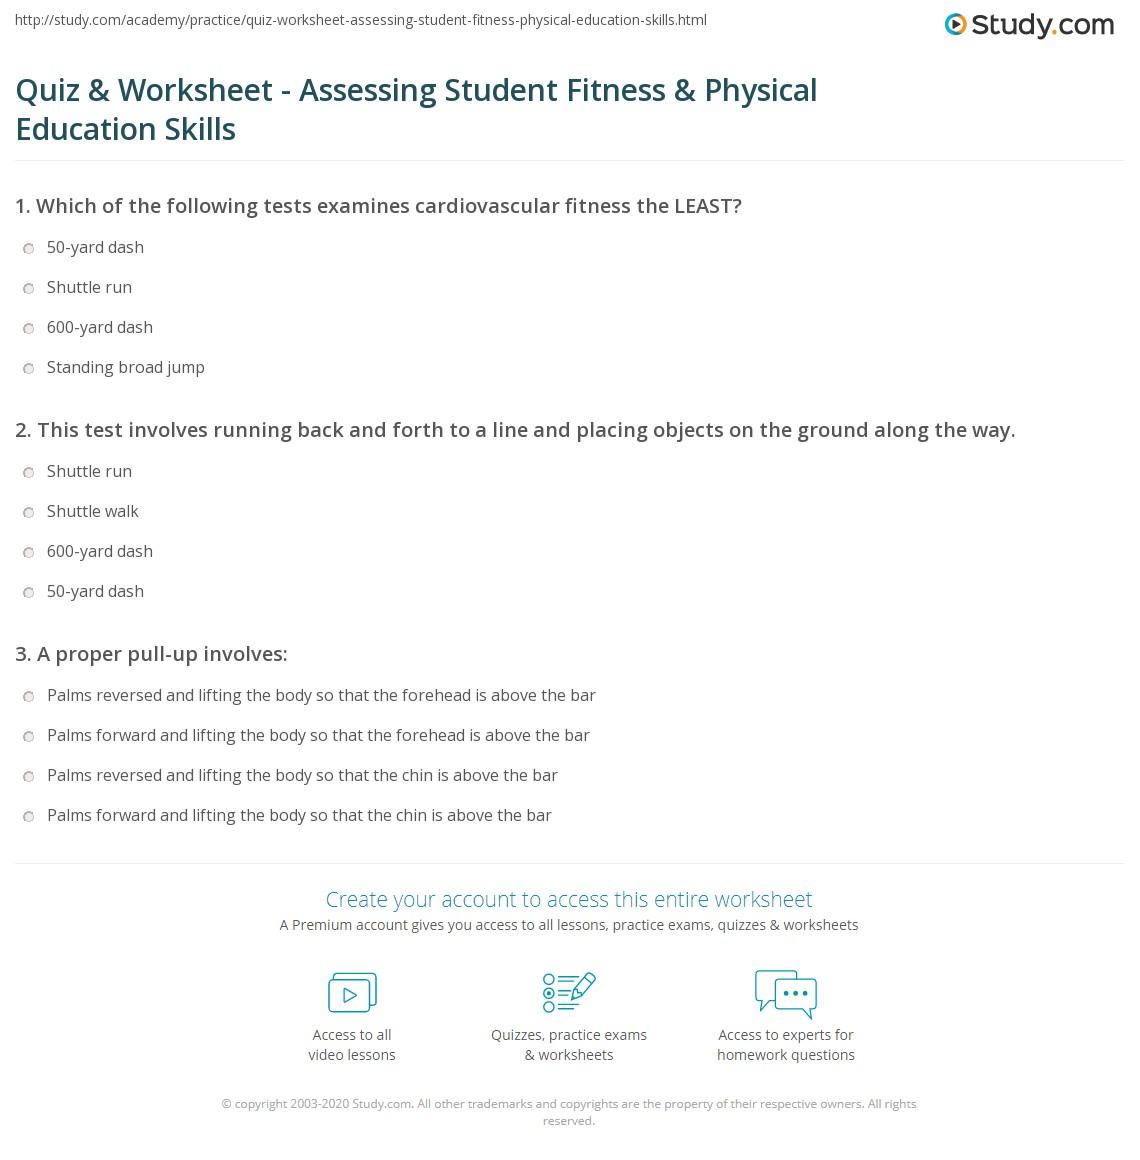 worksheet Fitness Testing Worksheet quiz worksheet assessing student fitness physical education print assessment of skills worksheet